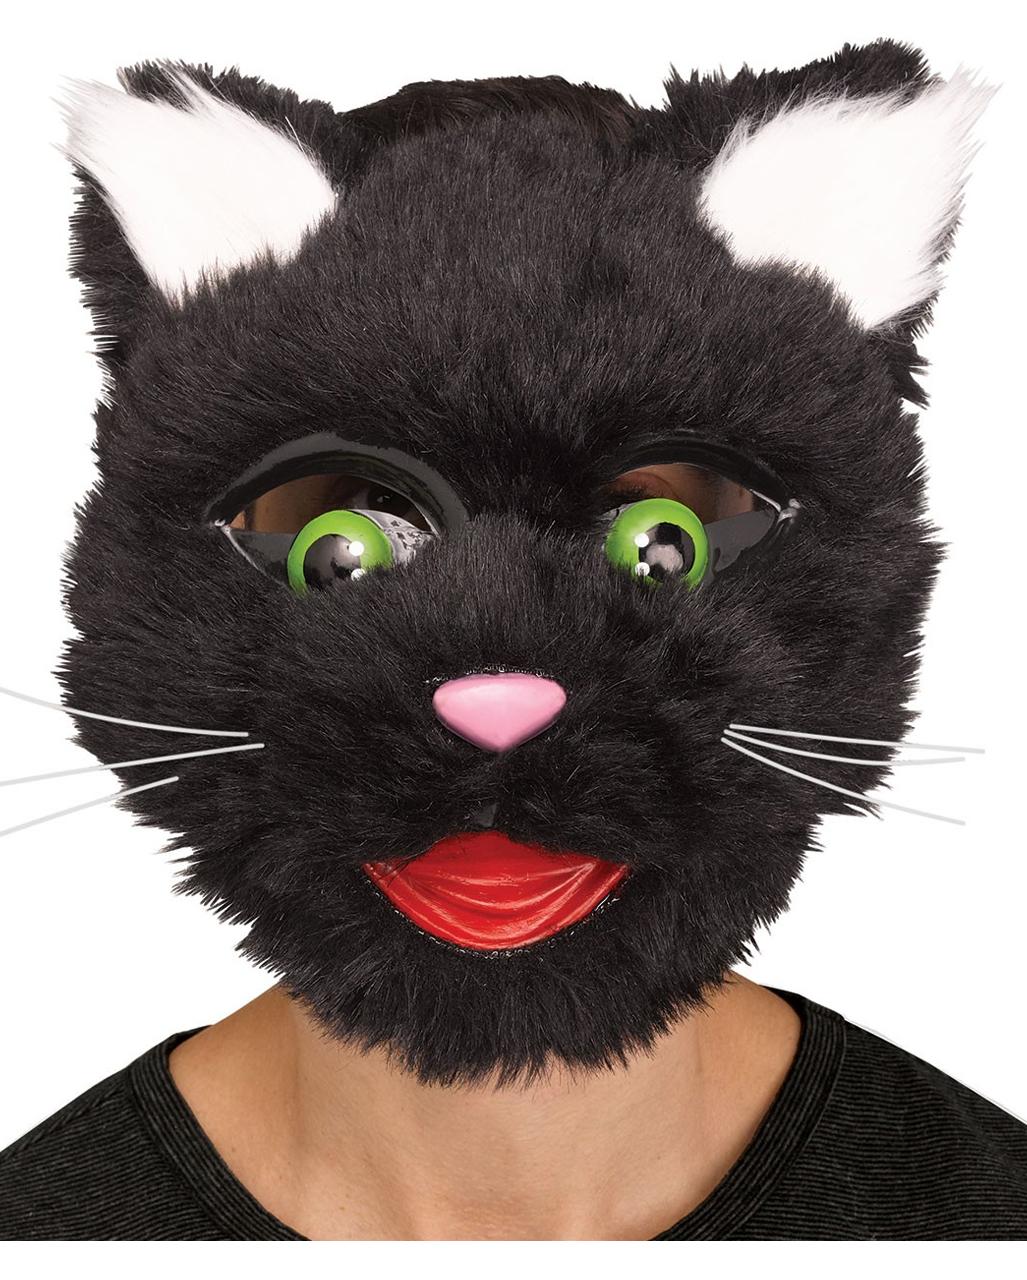 Ziemlich Süße Katze Druckbare Malvorlagen Zeitgenössisch - Entry ...